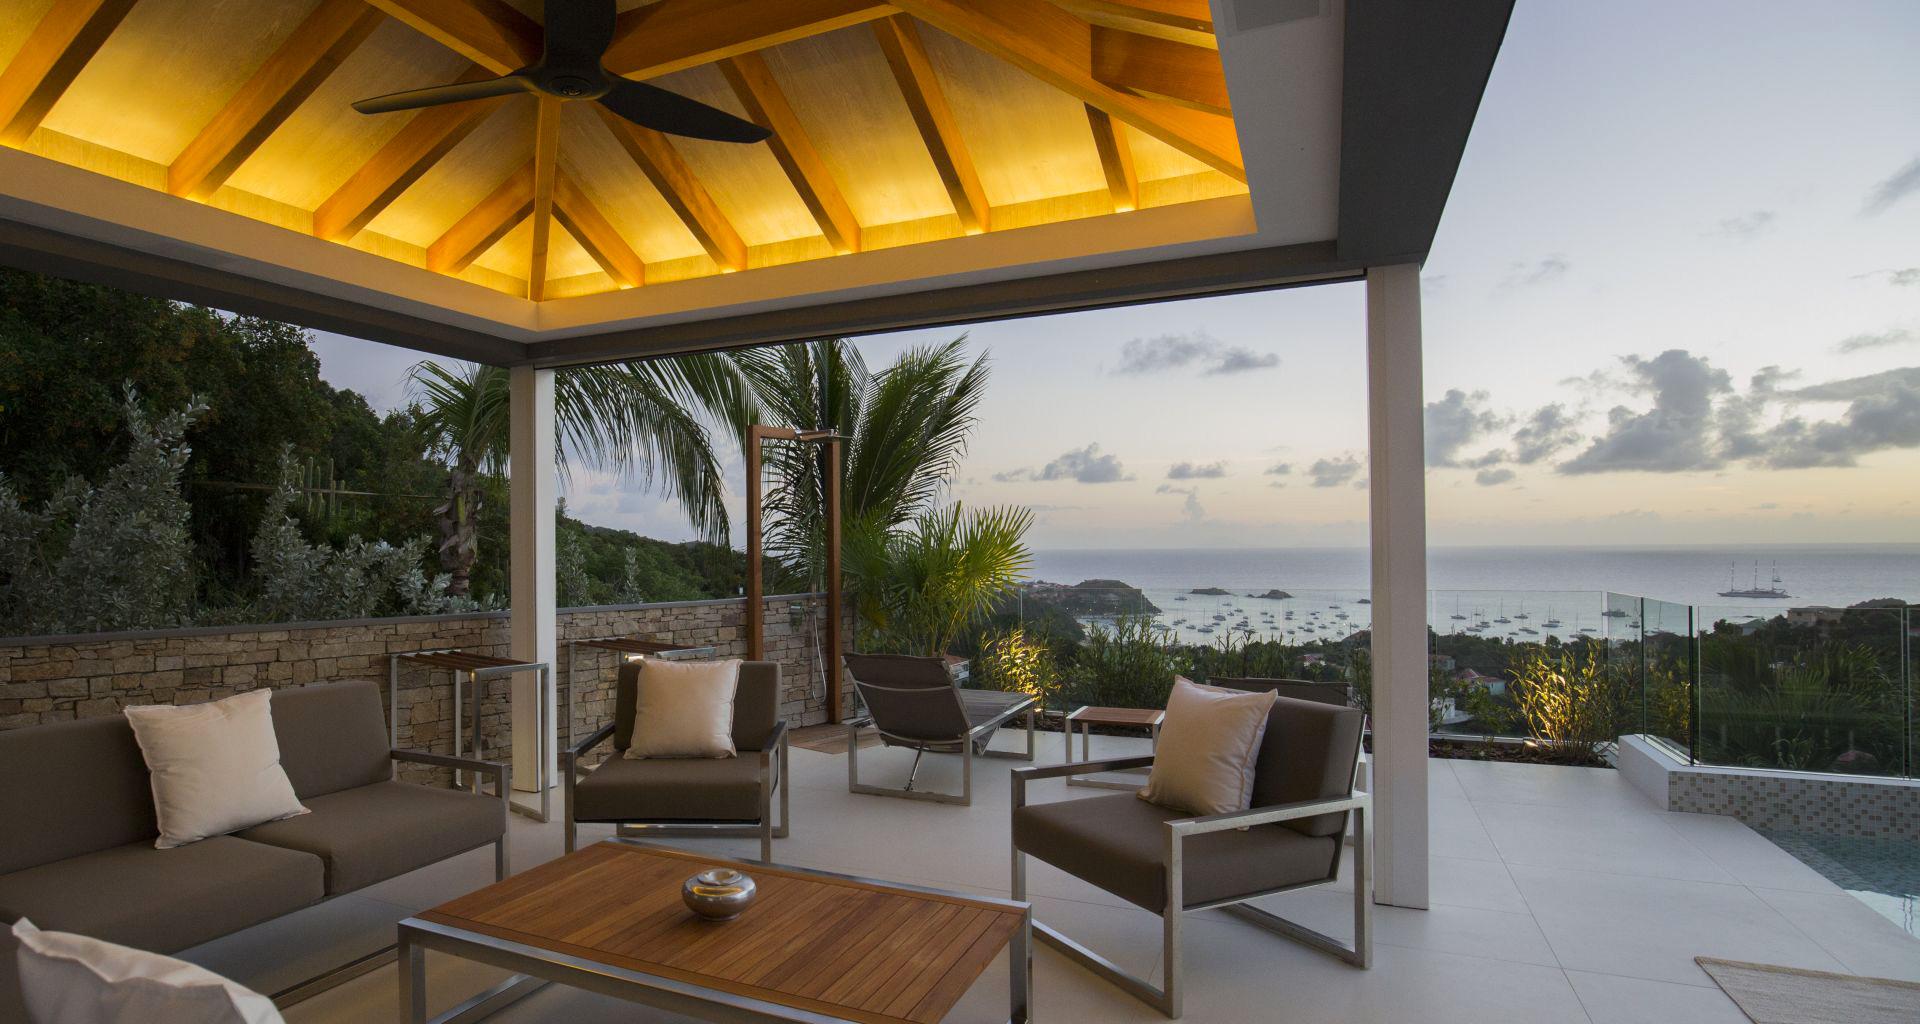 Villa Lao, St-Barts, Caribbean